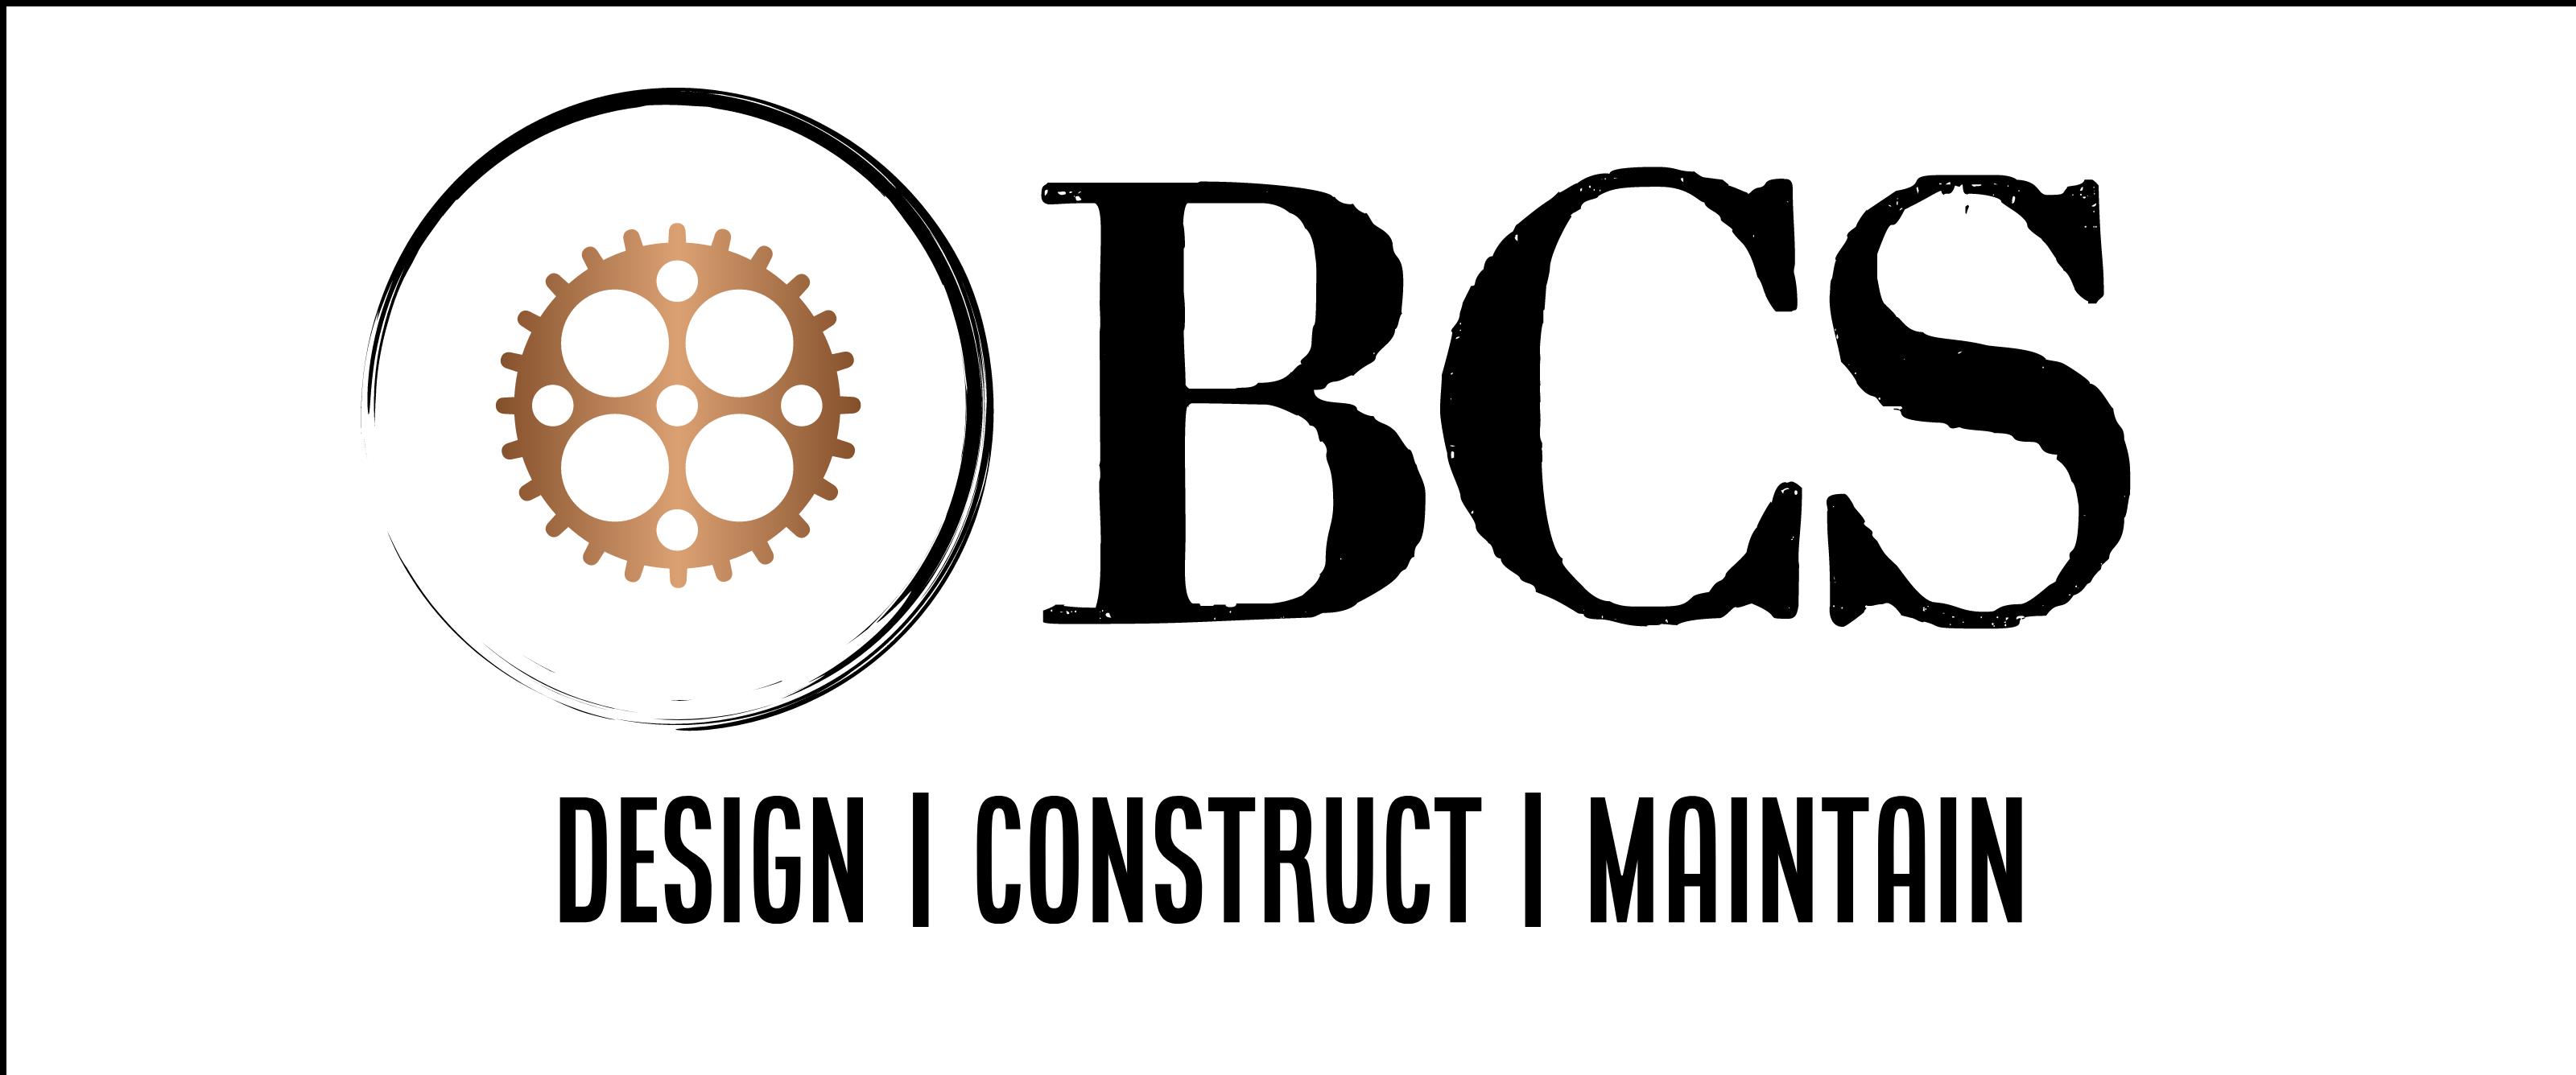 Boton Conveyor Services